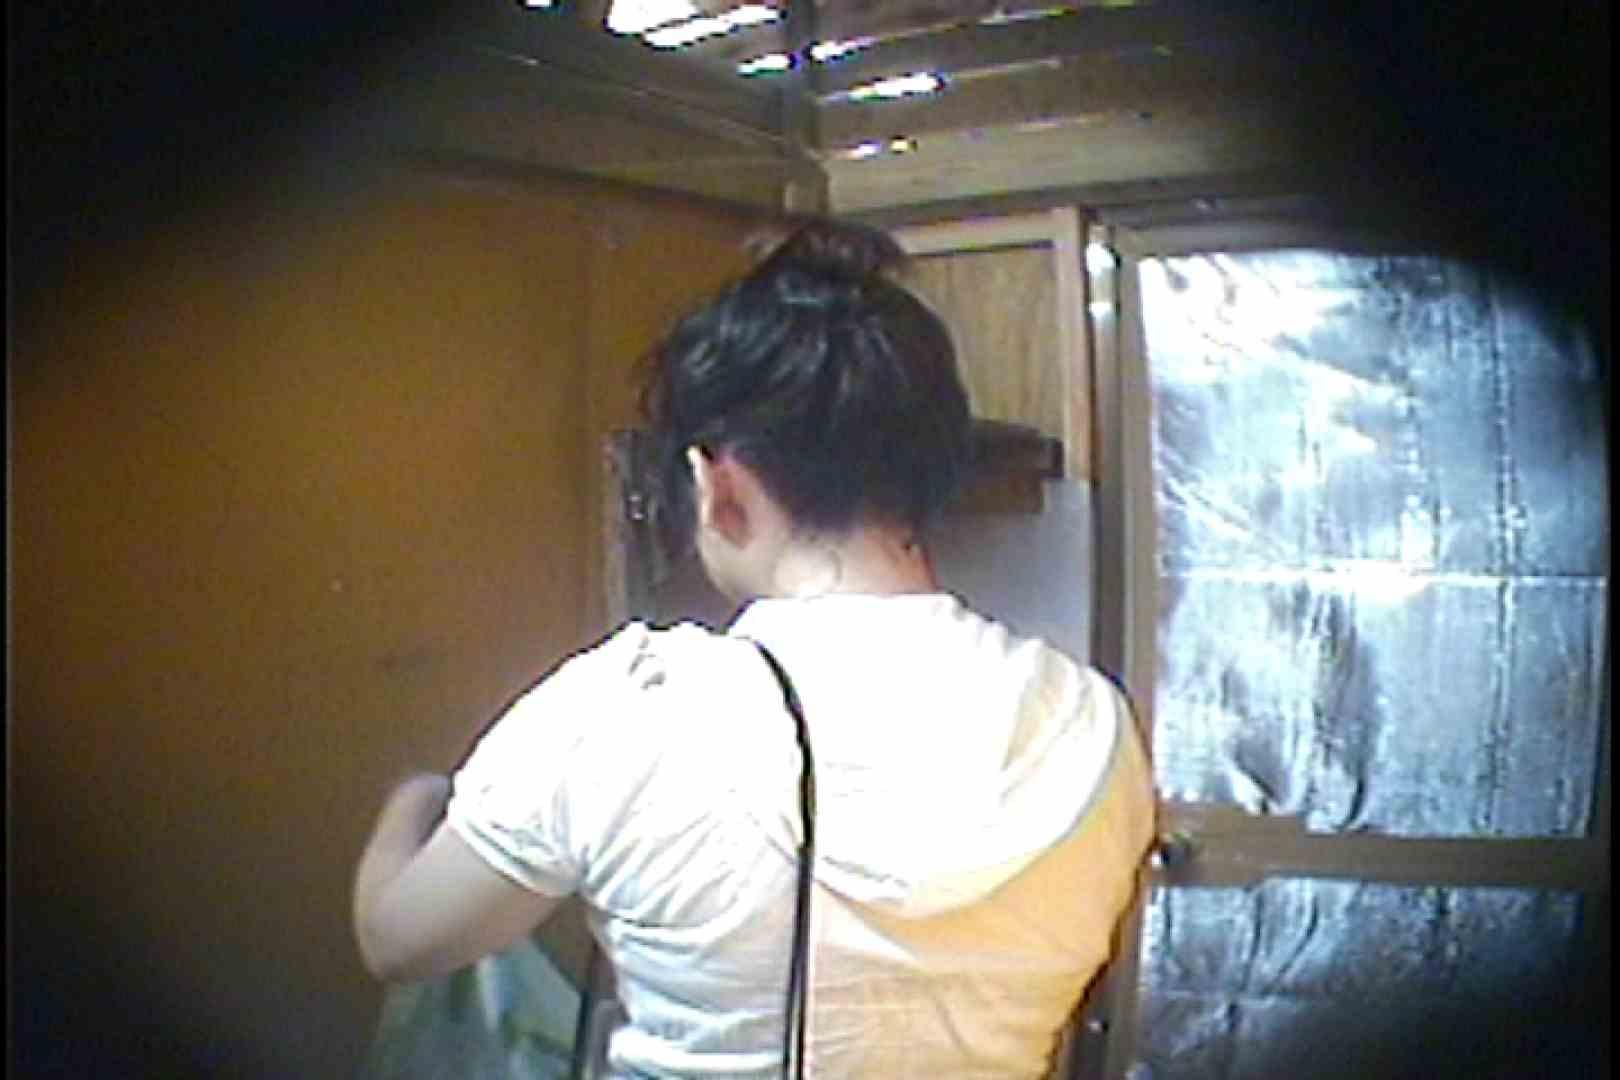 海の家の更衣室 Vol.37 シャワー室 すけべAV動画紹介 107枚 25